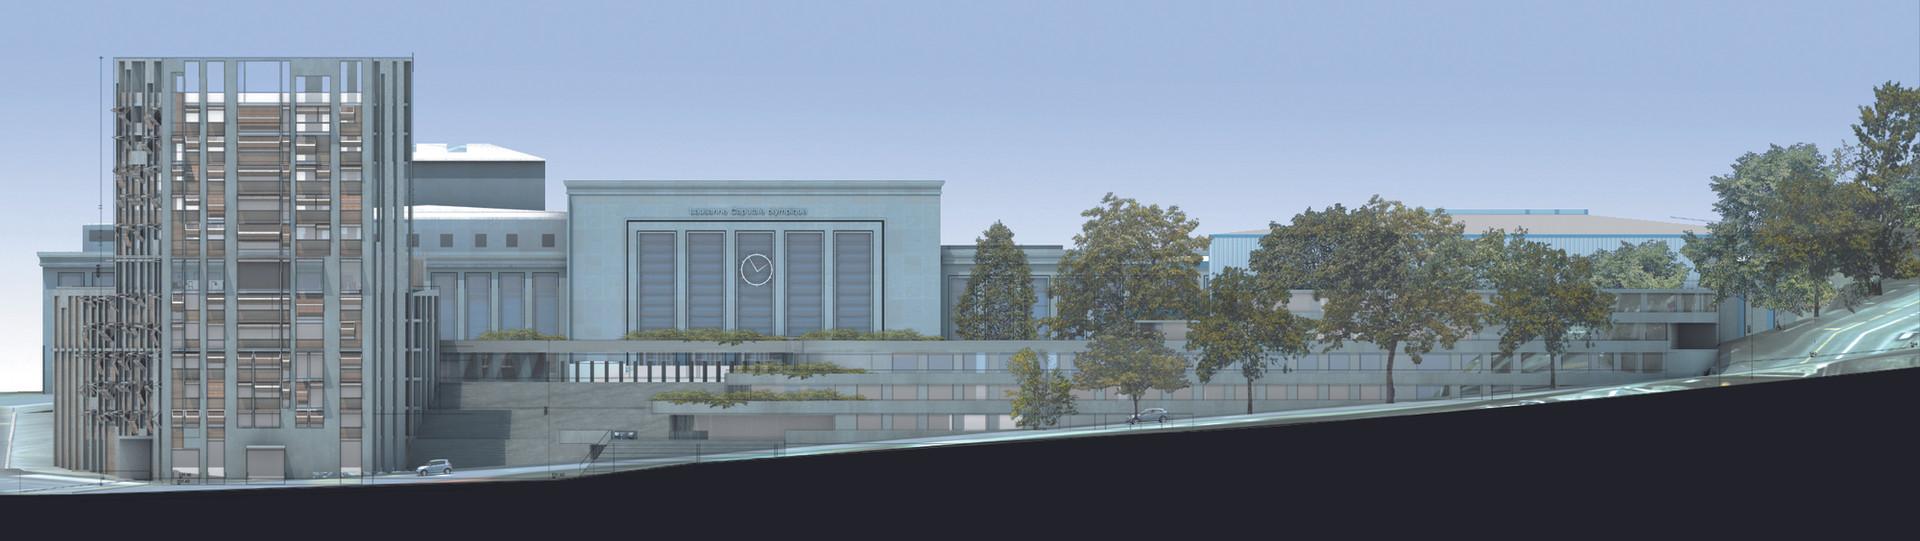 056 Beaulieu East facade.jpg